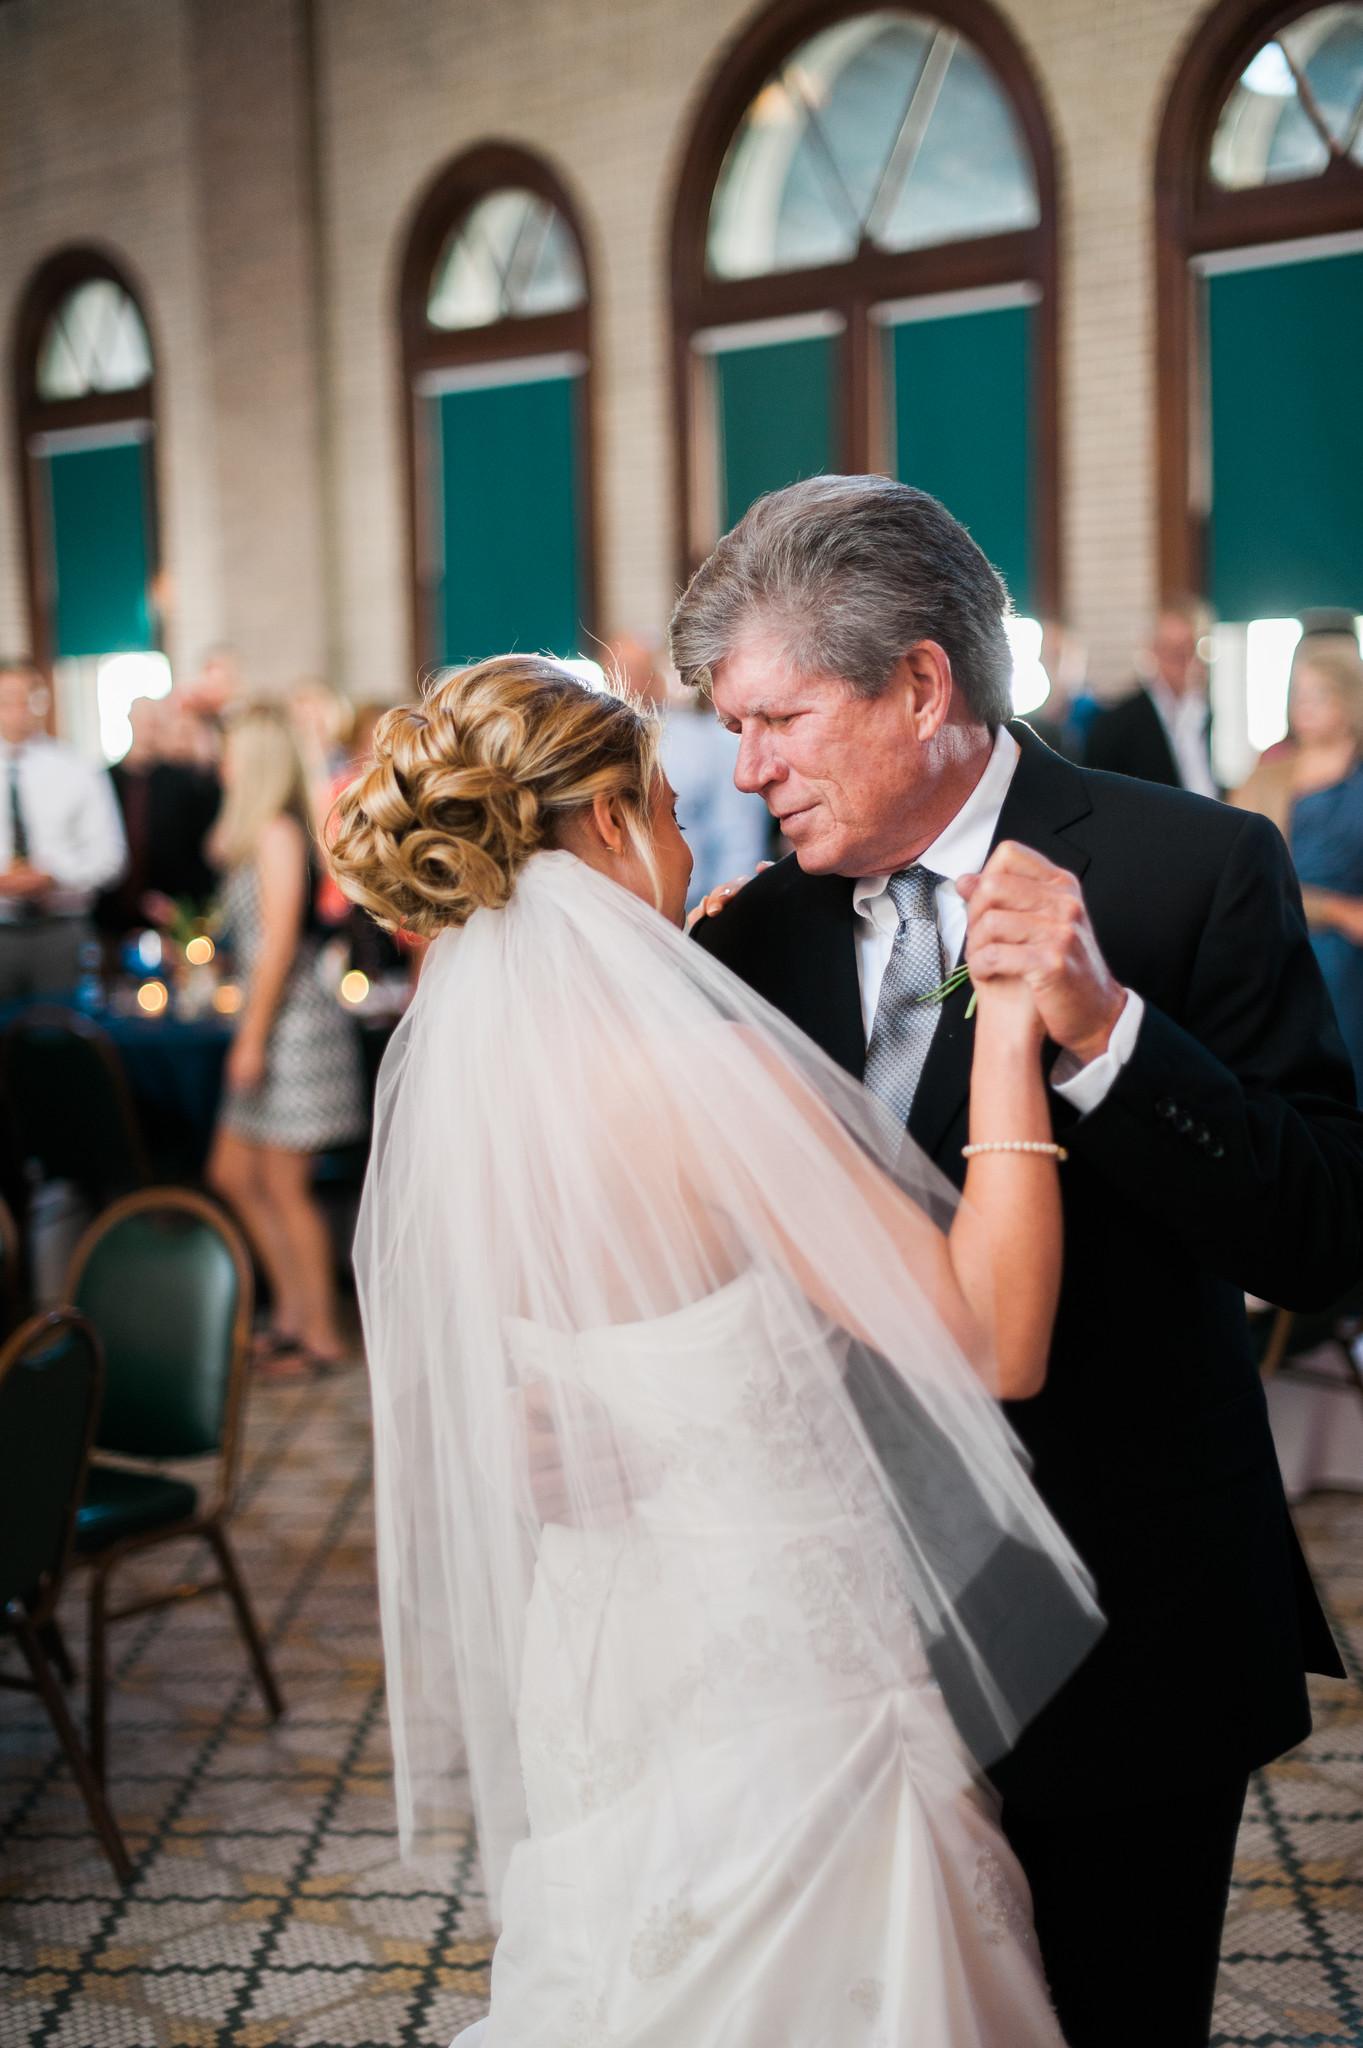 ernst-wedding-381-X4.jpg